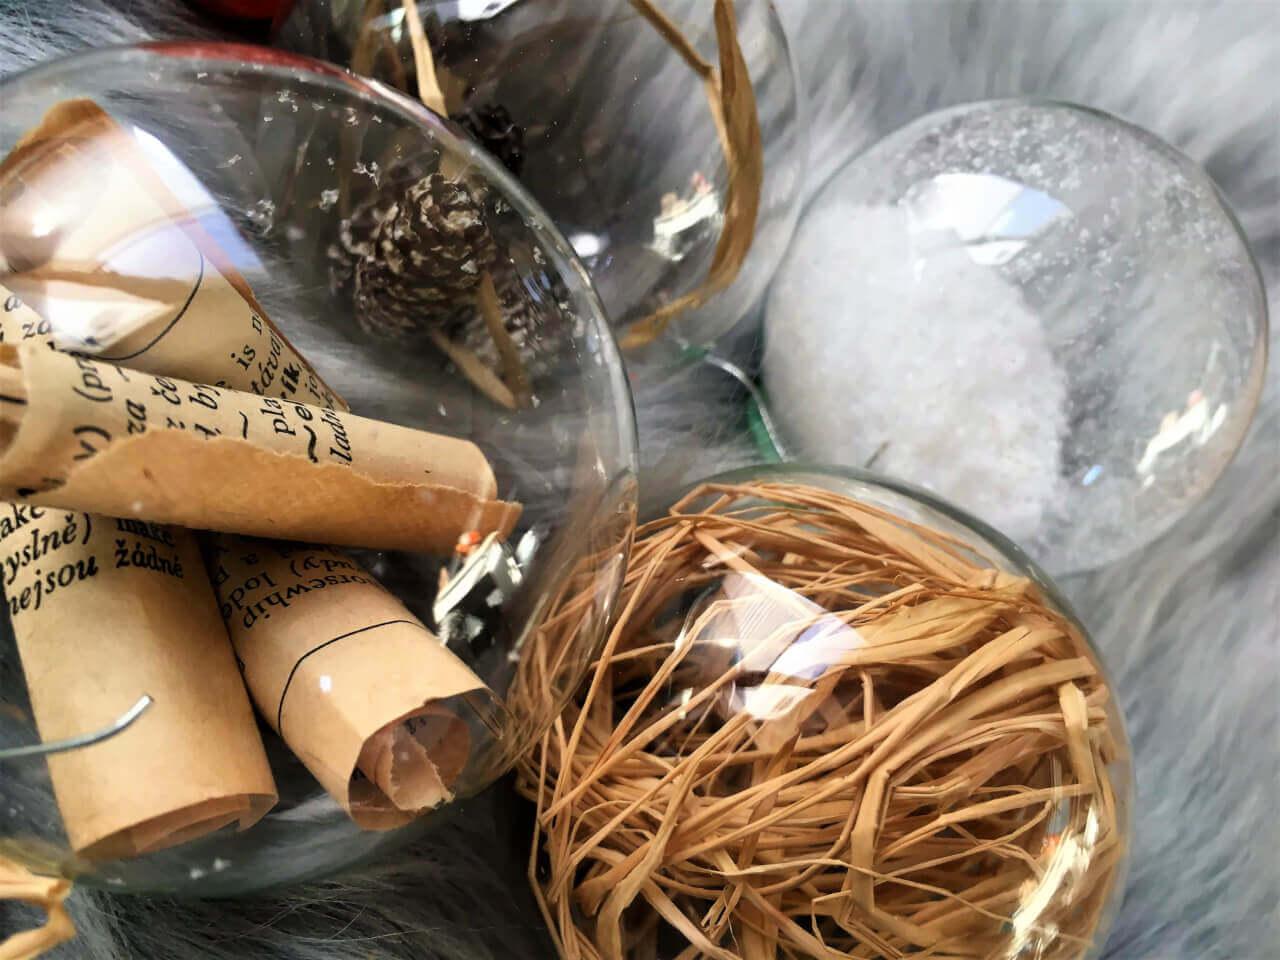 IMG 2353 - Je čas na ozdoby a dekorácie - lebo Vianoce